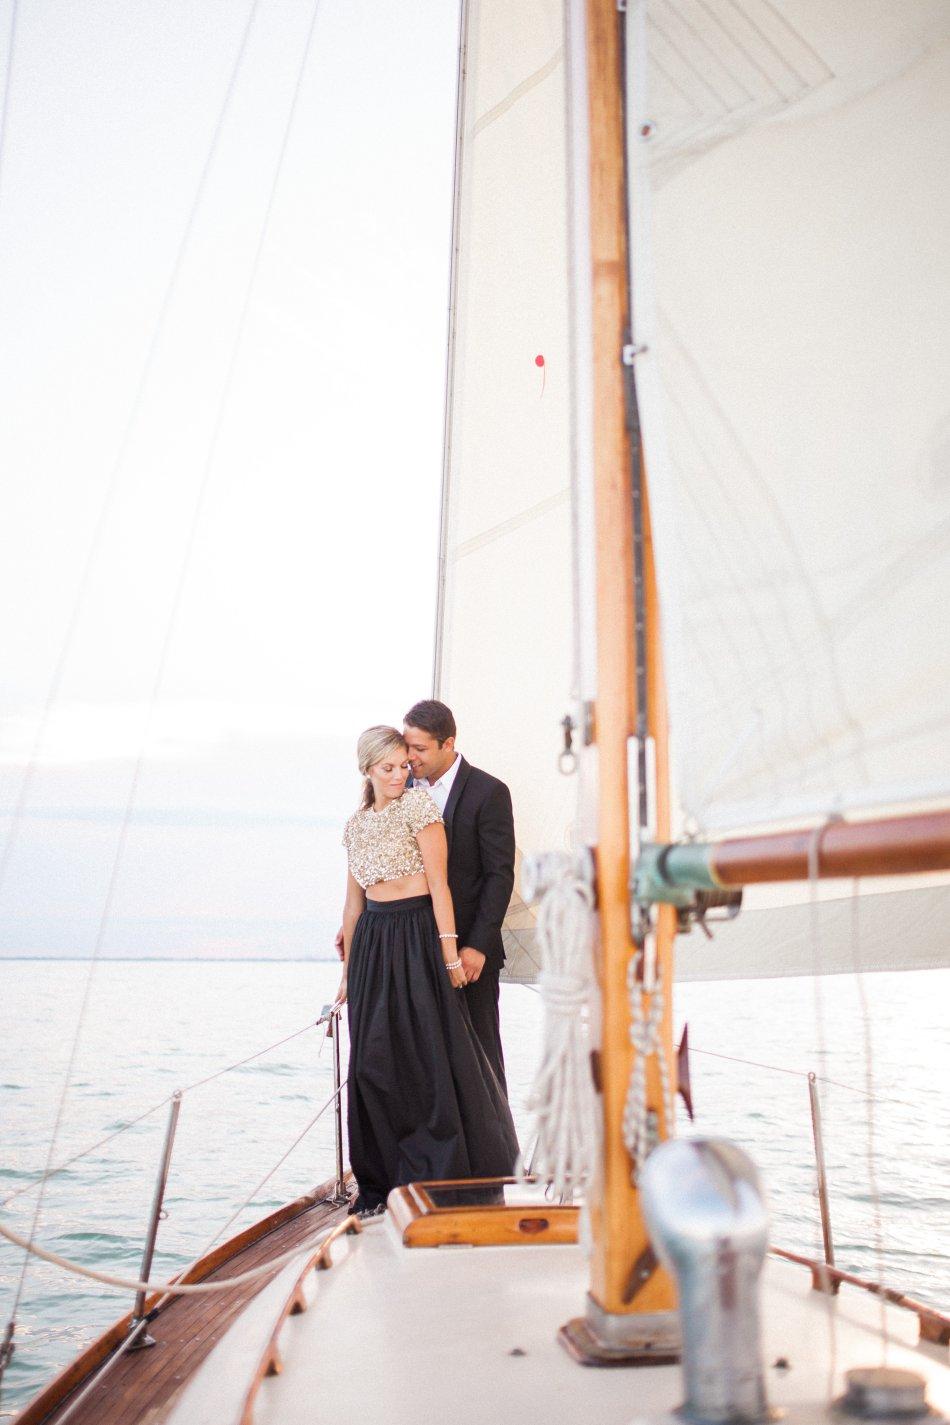 naples-luxury-sailing-engagement-photography-nautical-sailboat-engagement_1052.jpg